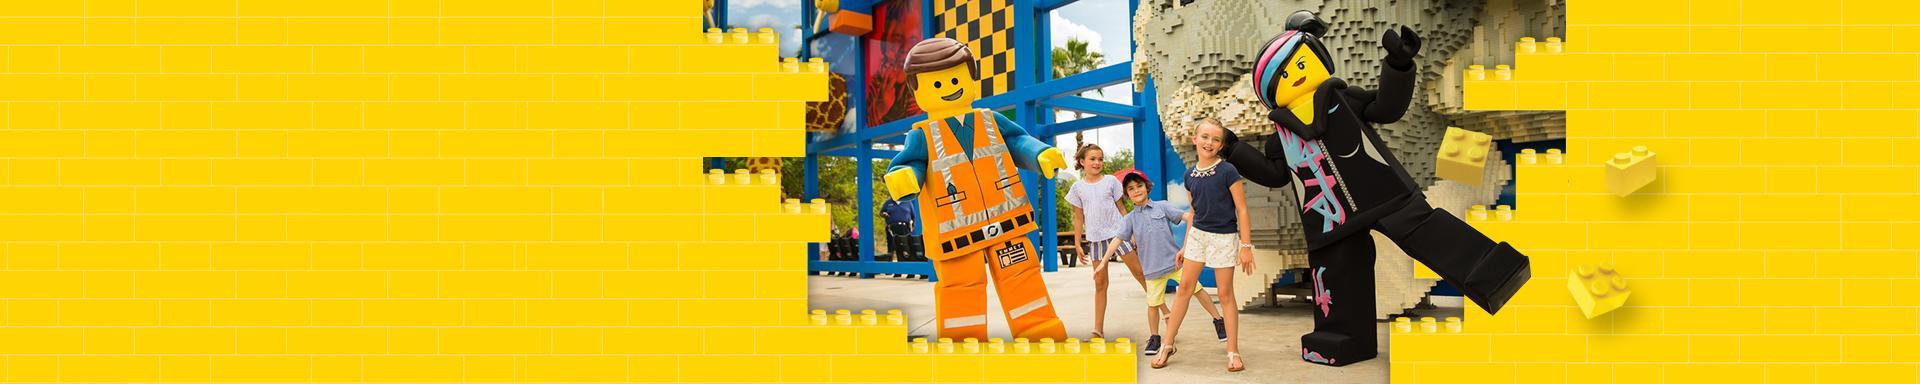 Crianças NÃO PAGAM no LEGOLAND® Florida